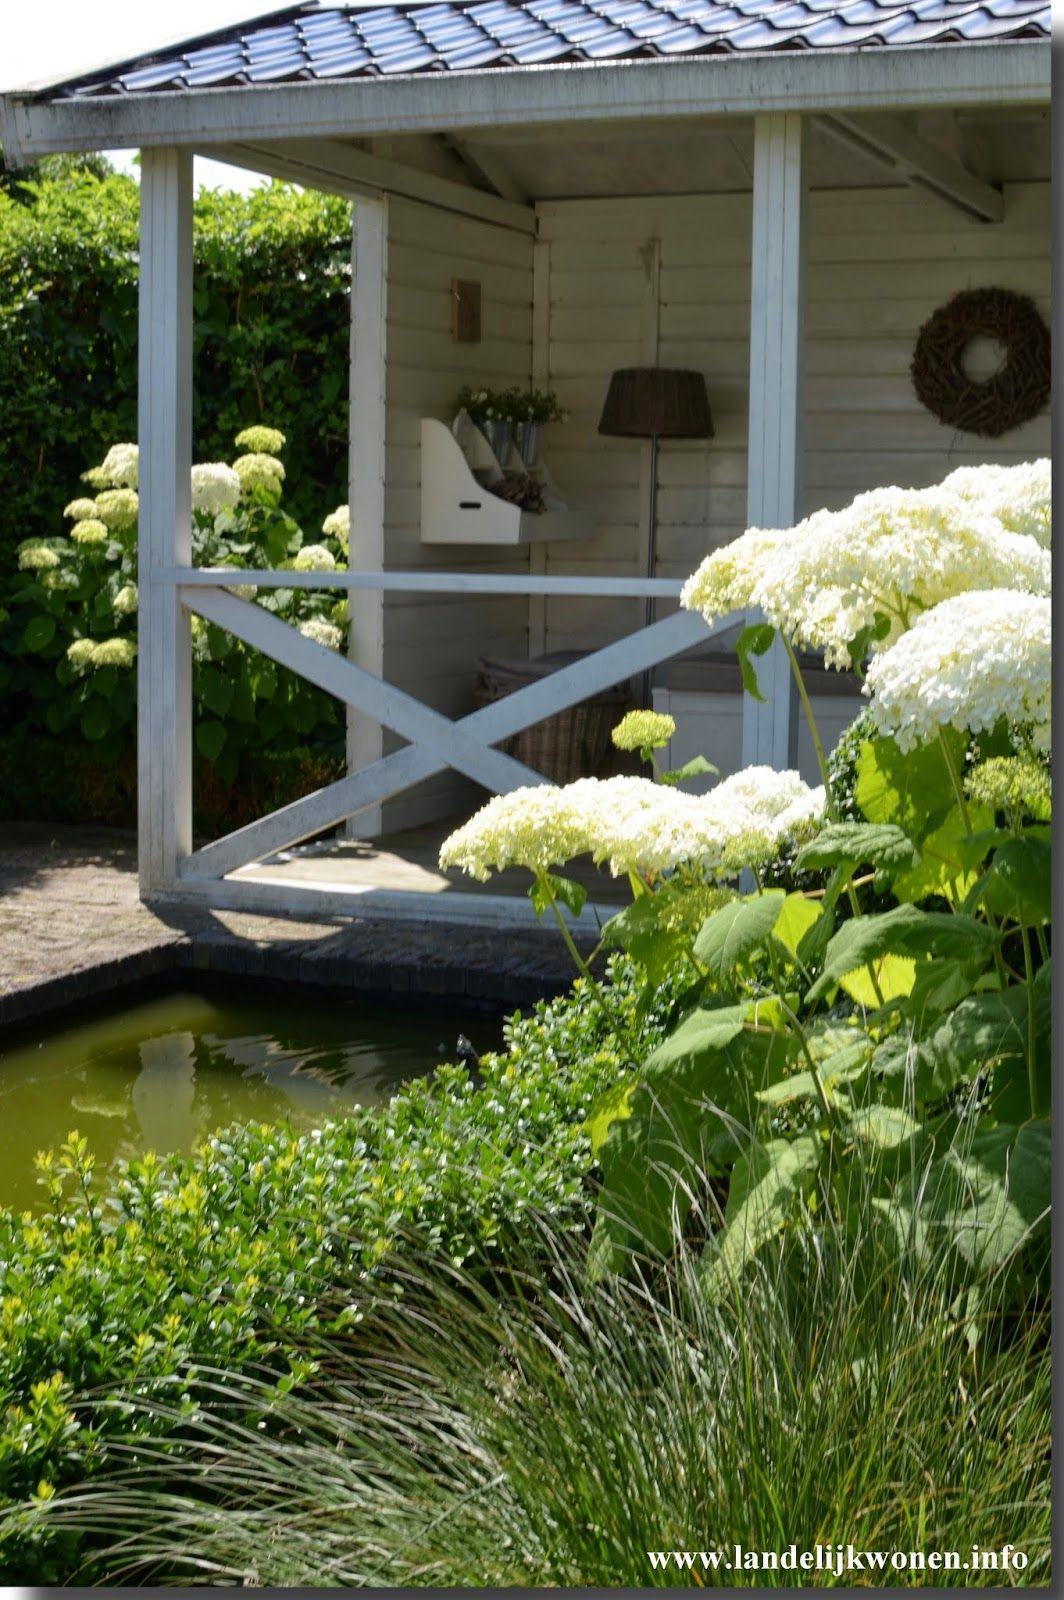 afbeeldingen tuinen met veranda en vijver - Google zoeken